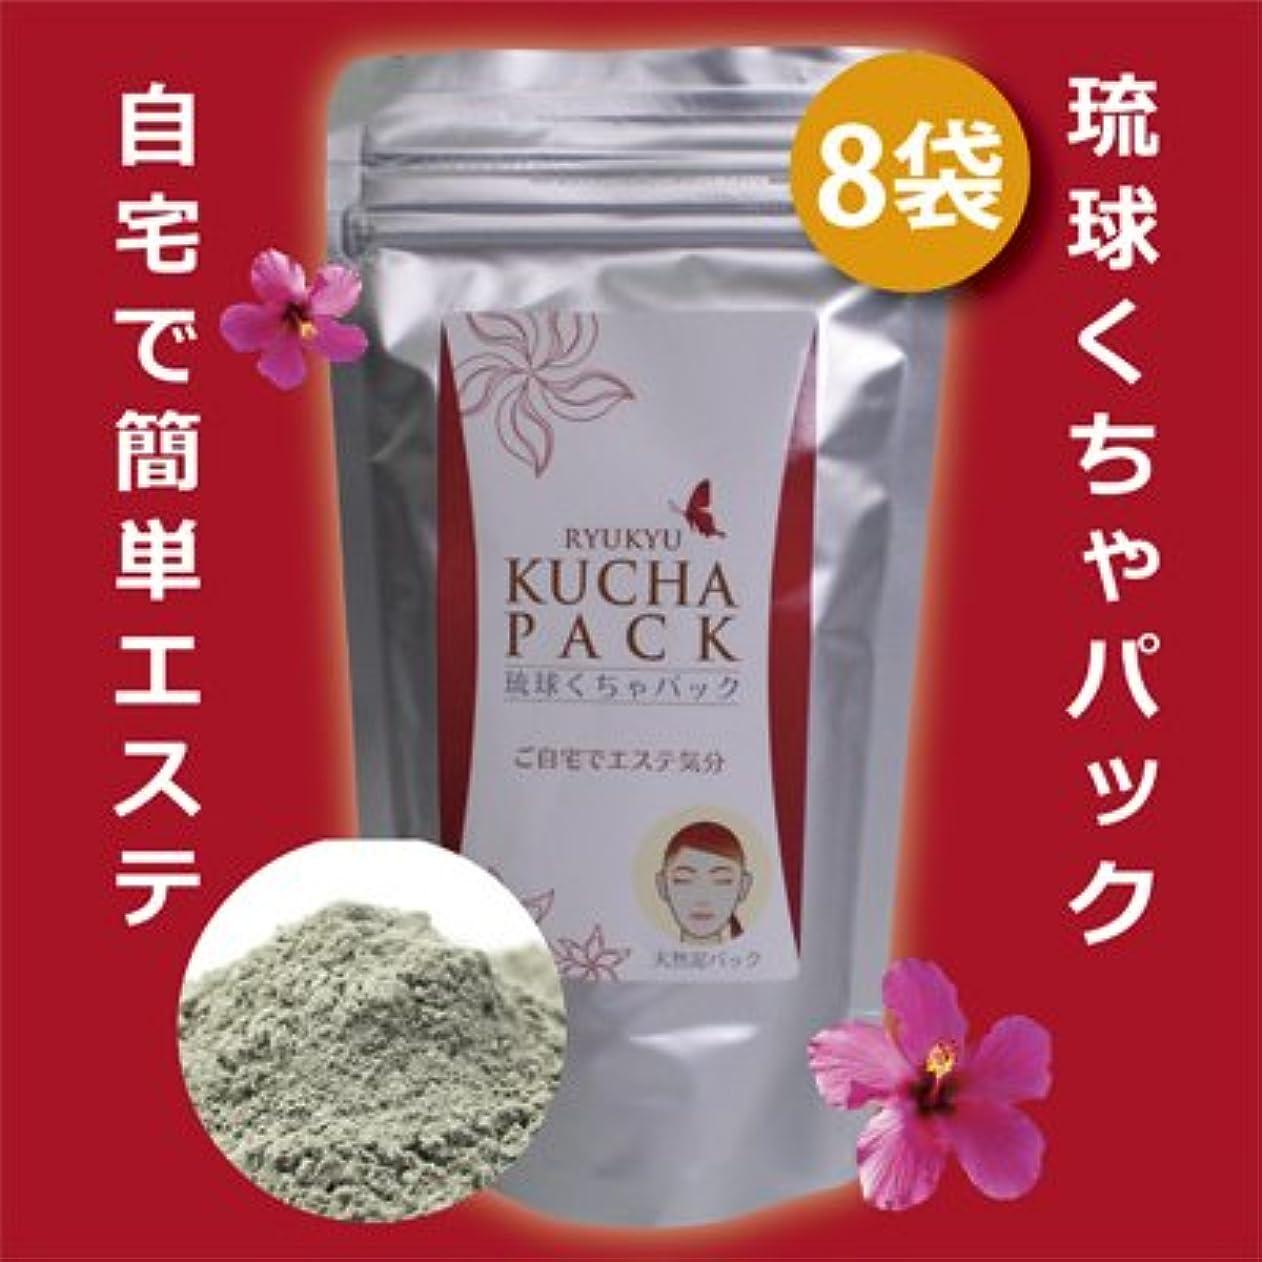 着飾る過度に続ける美肌 健康作り 月桃水を加えた使いやすい粉末 沖縄産 琉球くちゃパック(150g)8パック